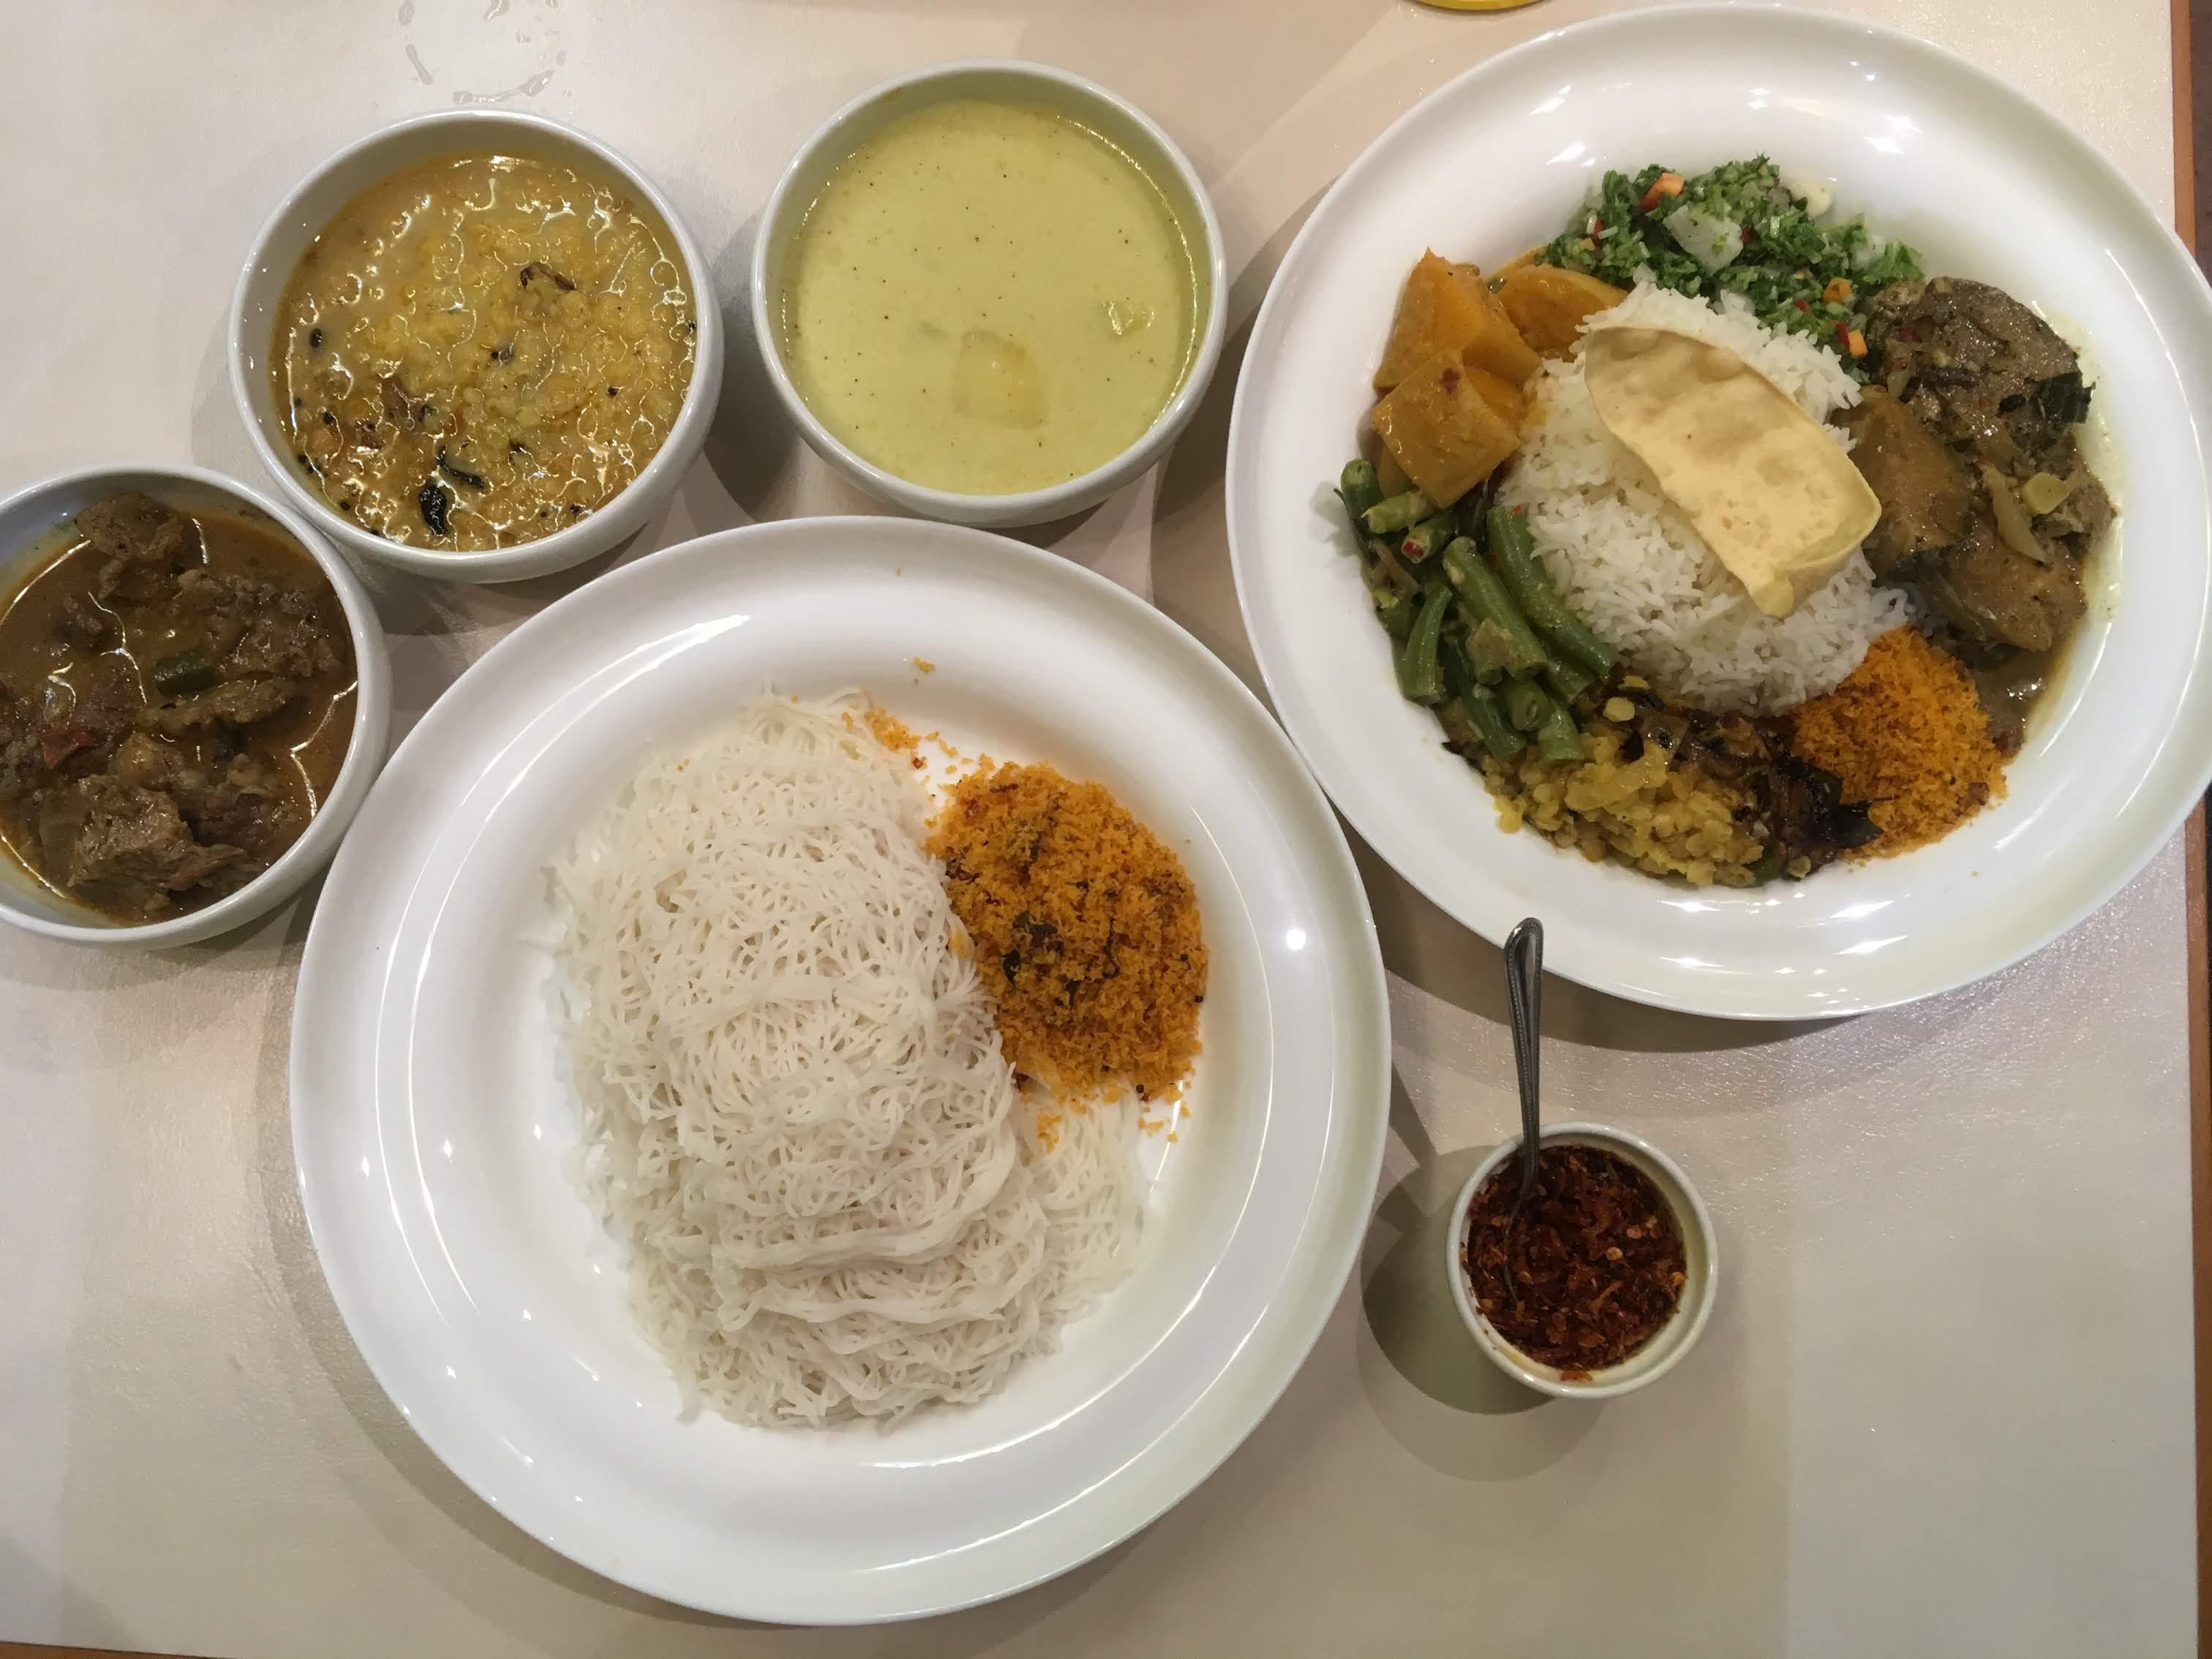 【谷6 スリランカ料理】スリランカ人が作る本格スリランカ料理